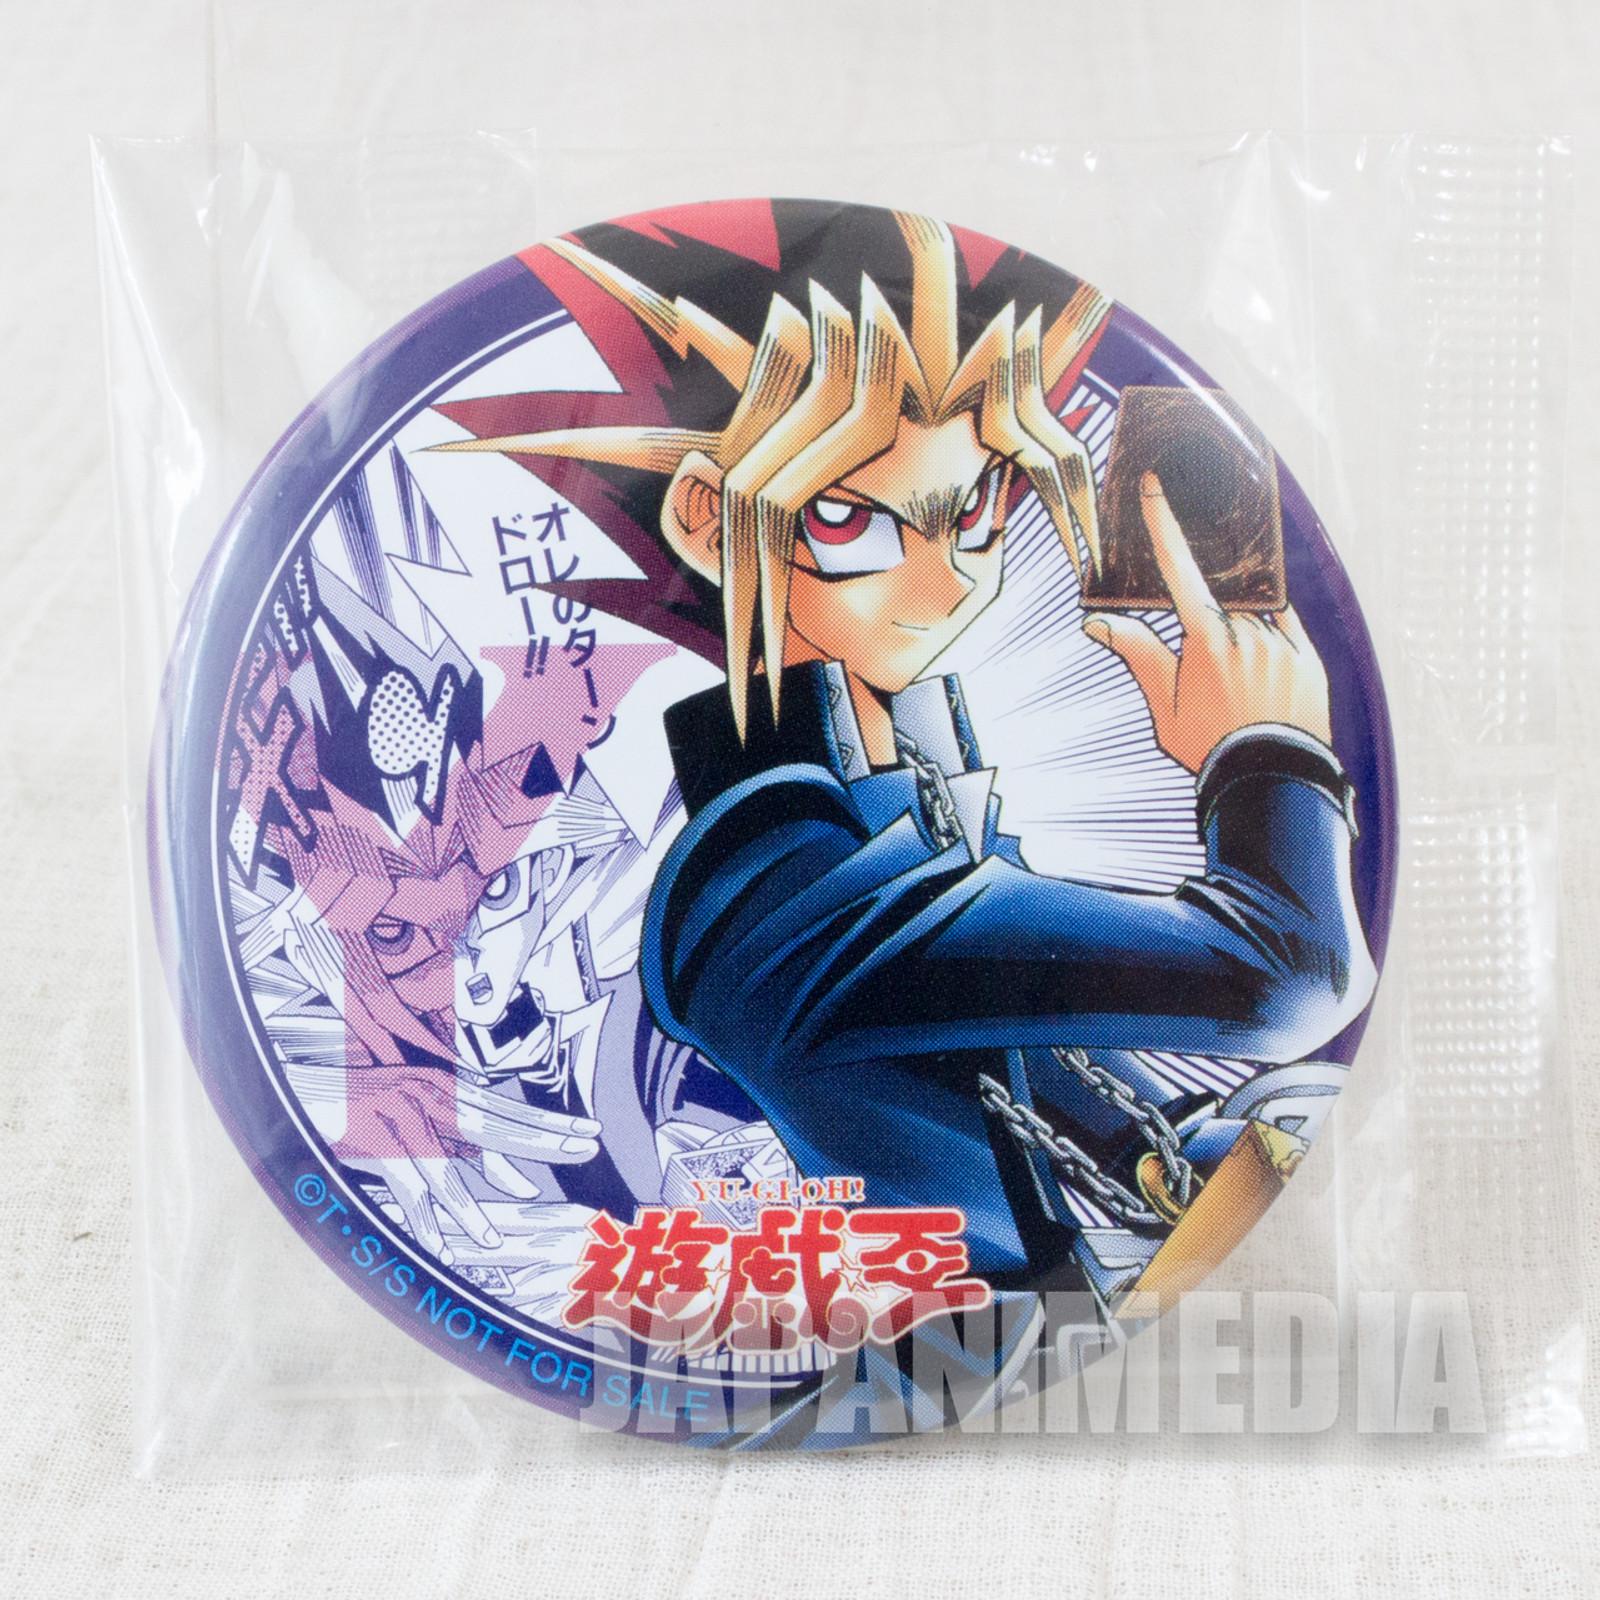 Yu-Gi-Oh! Yugi Muto (Dark Yugi) Button Badge JAPAN ANIME MANGA